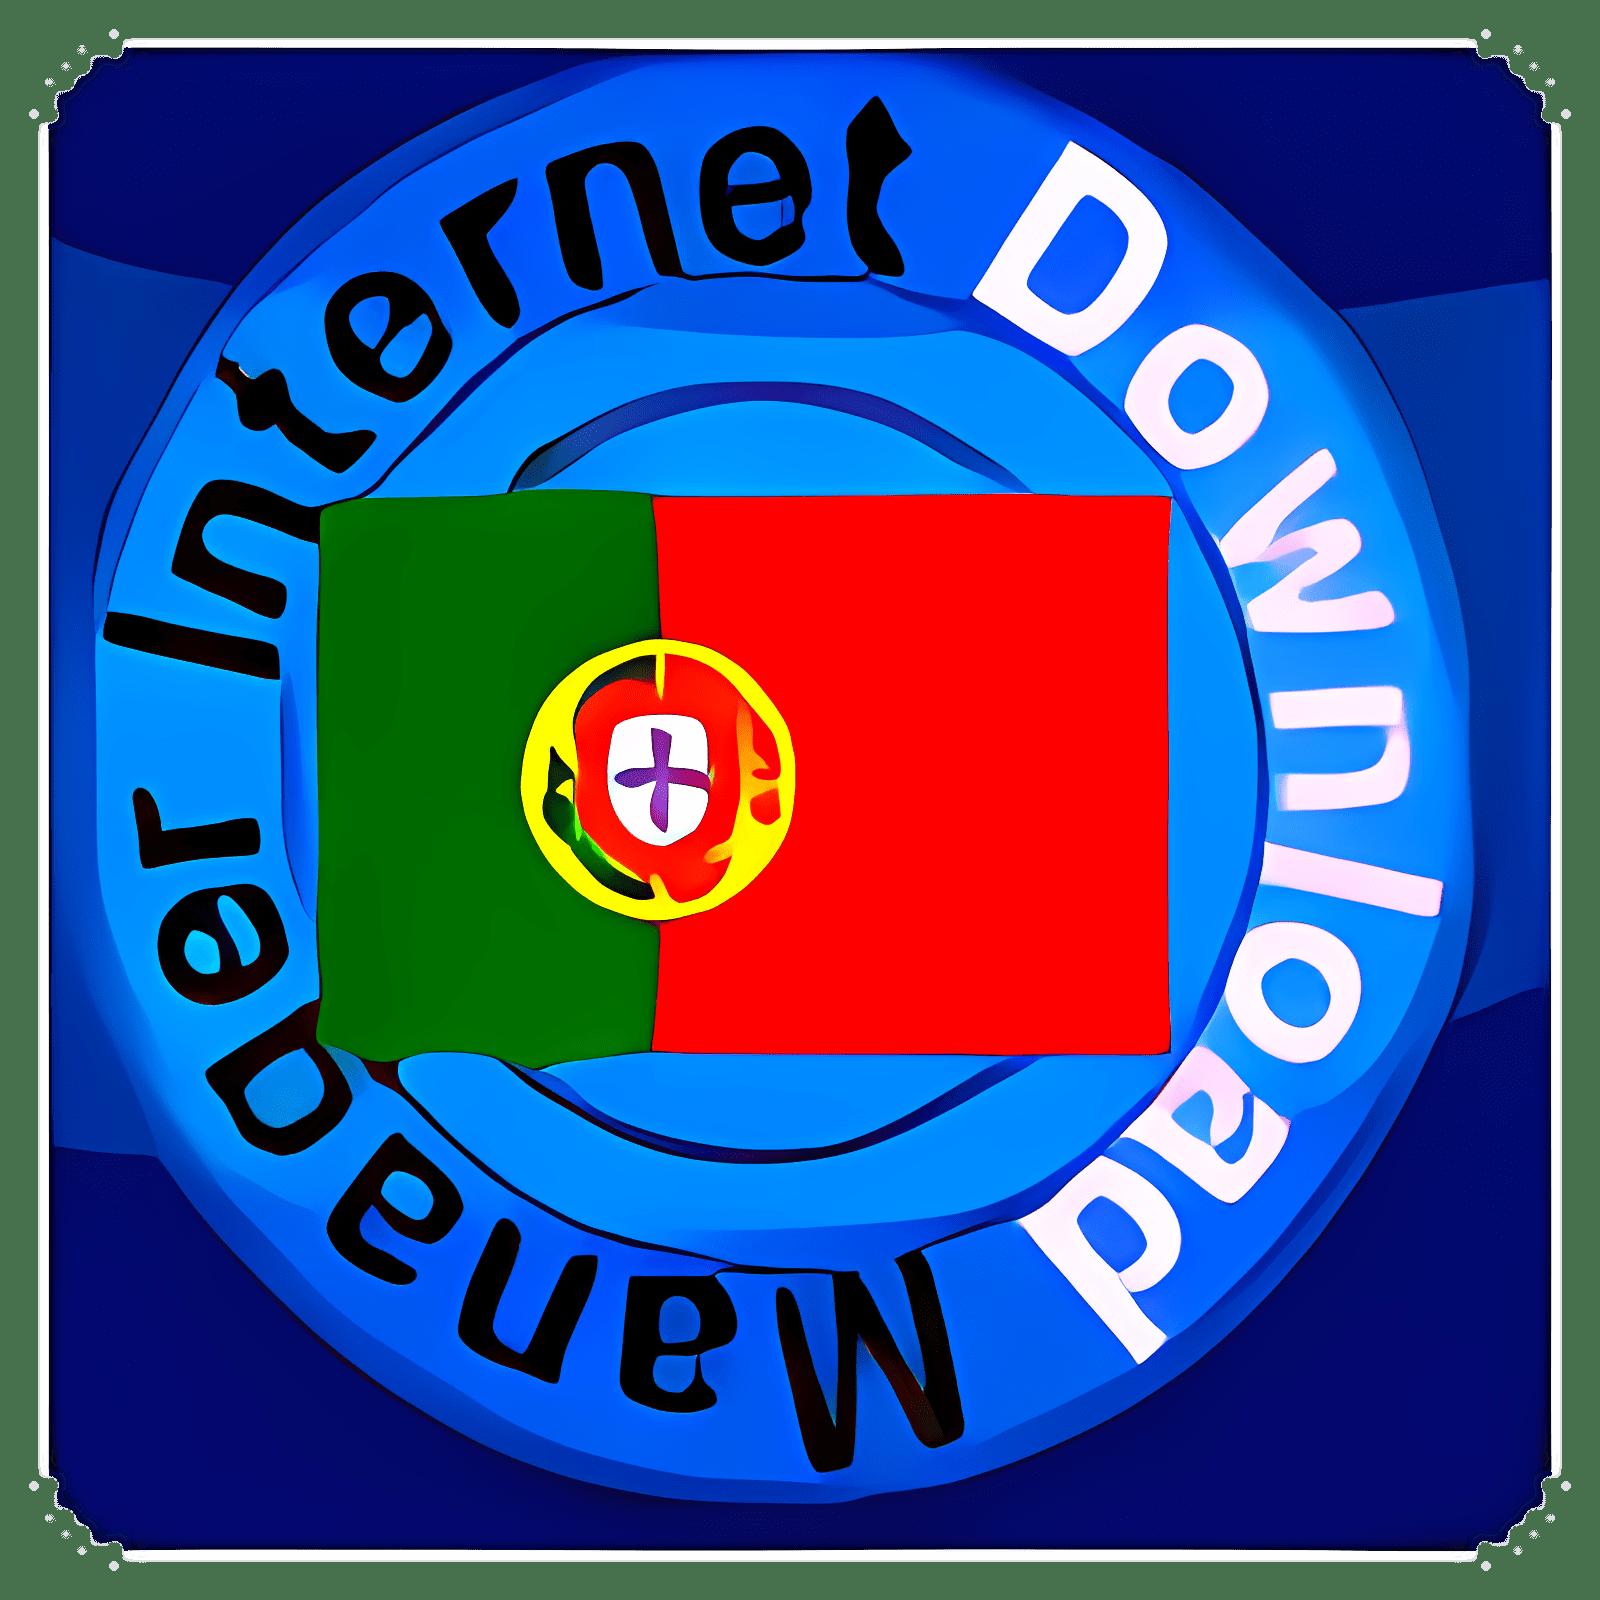 Português de Portugal para Internet Download Manager